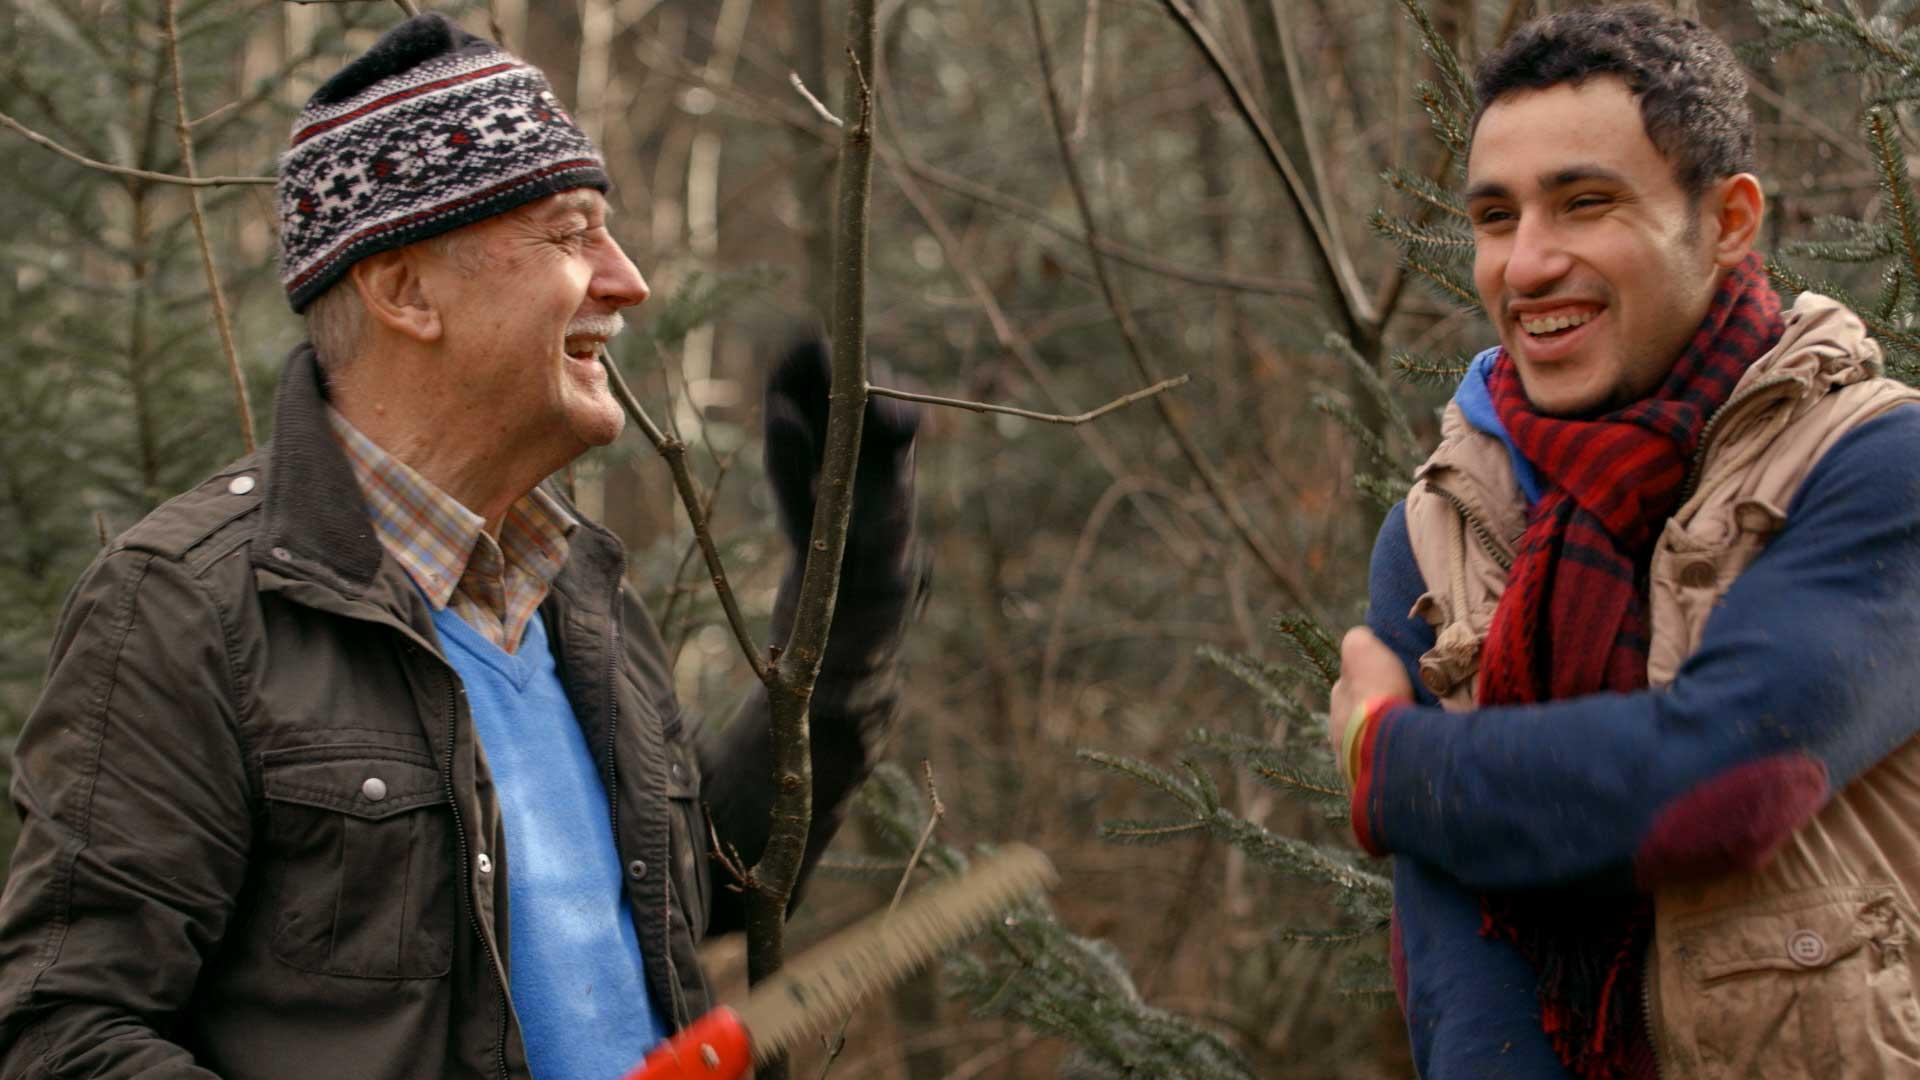 Geflüchteter mit Einheimischem bei der Arbeit im Wald